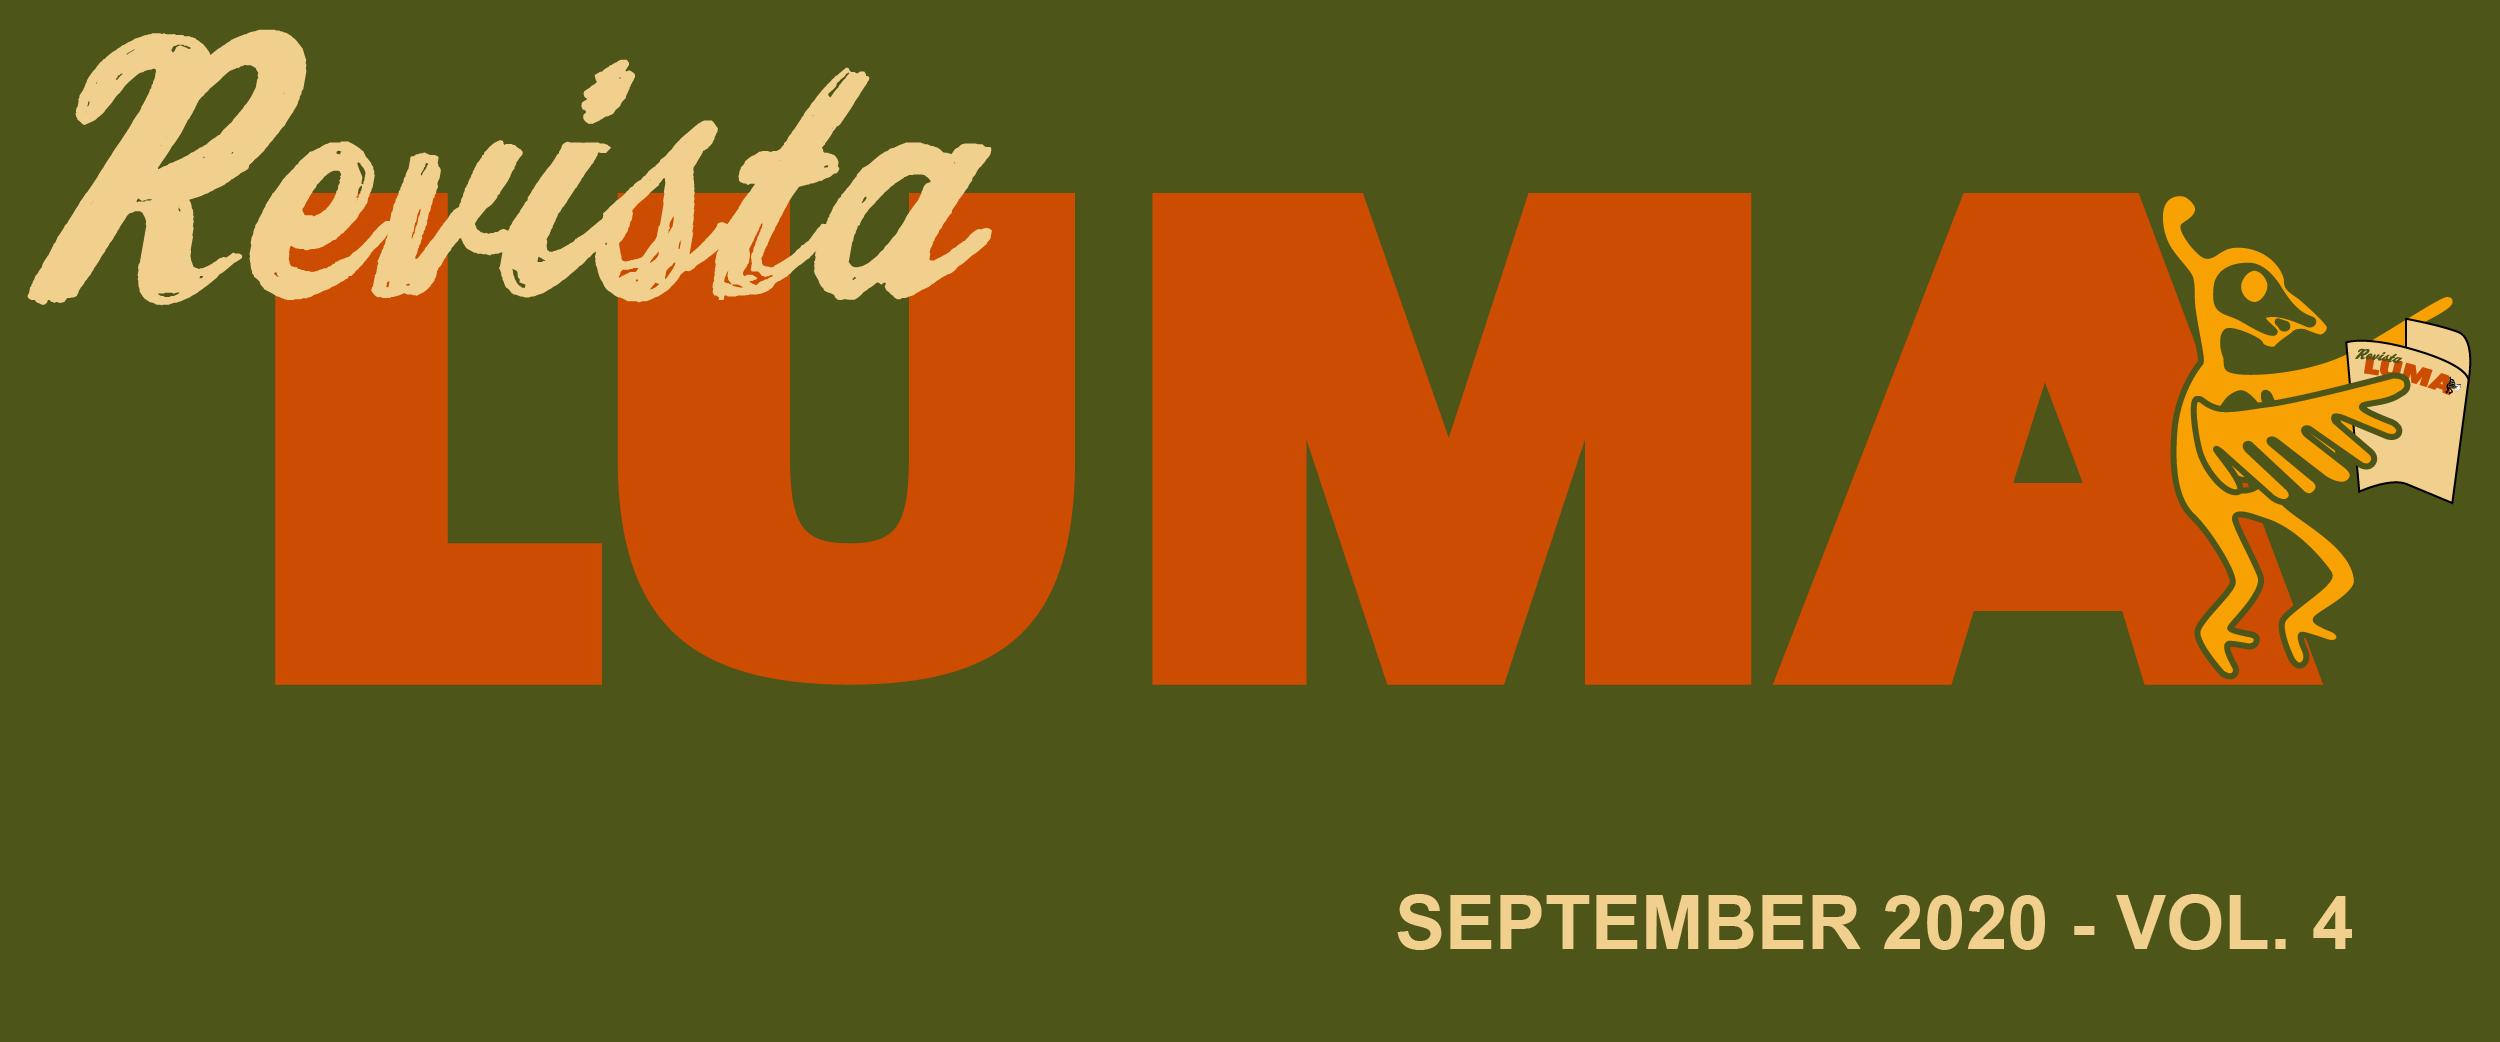 LUMA-RevistaHeader Vol 4